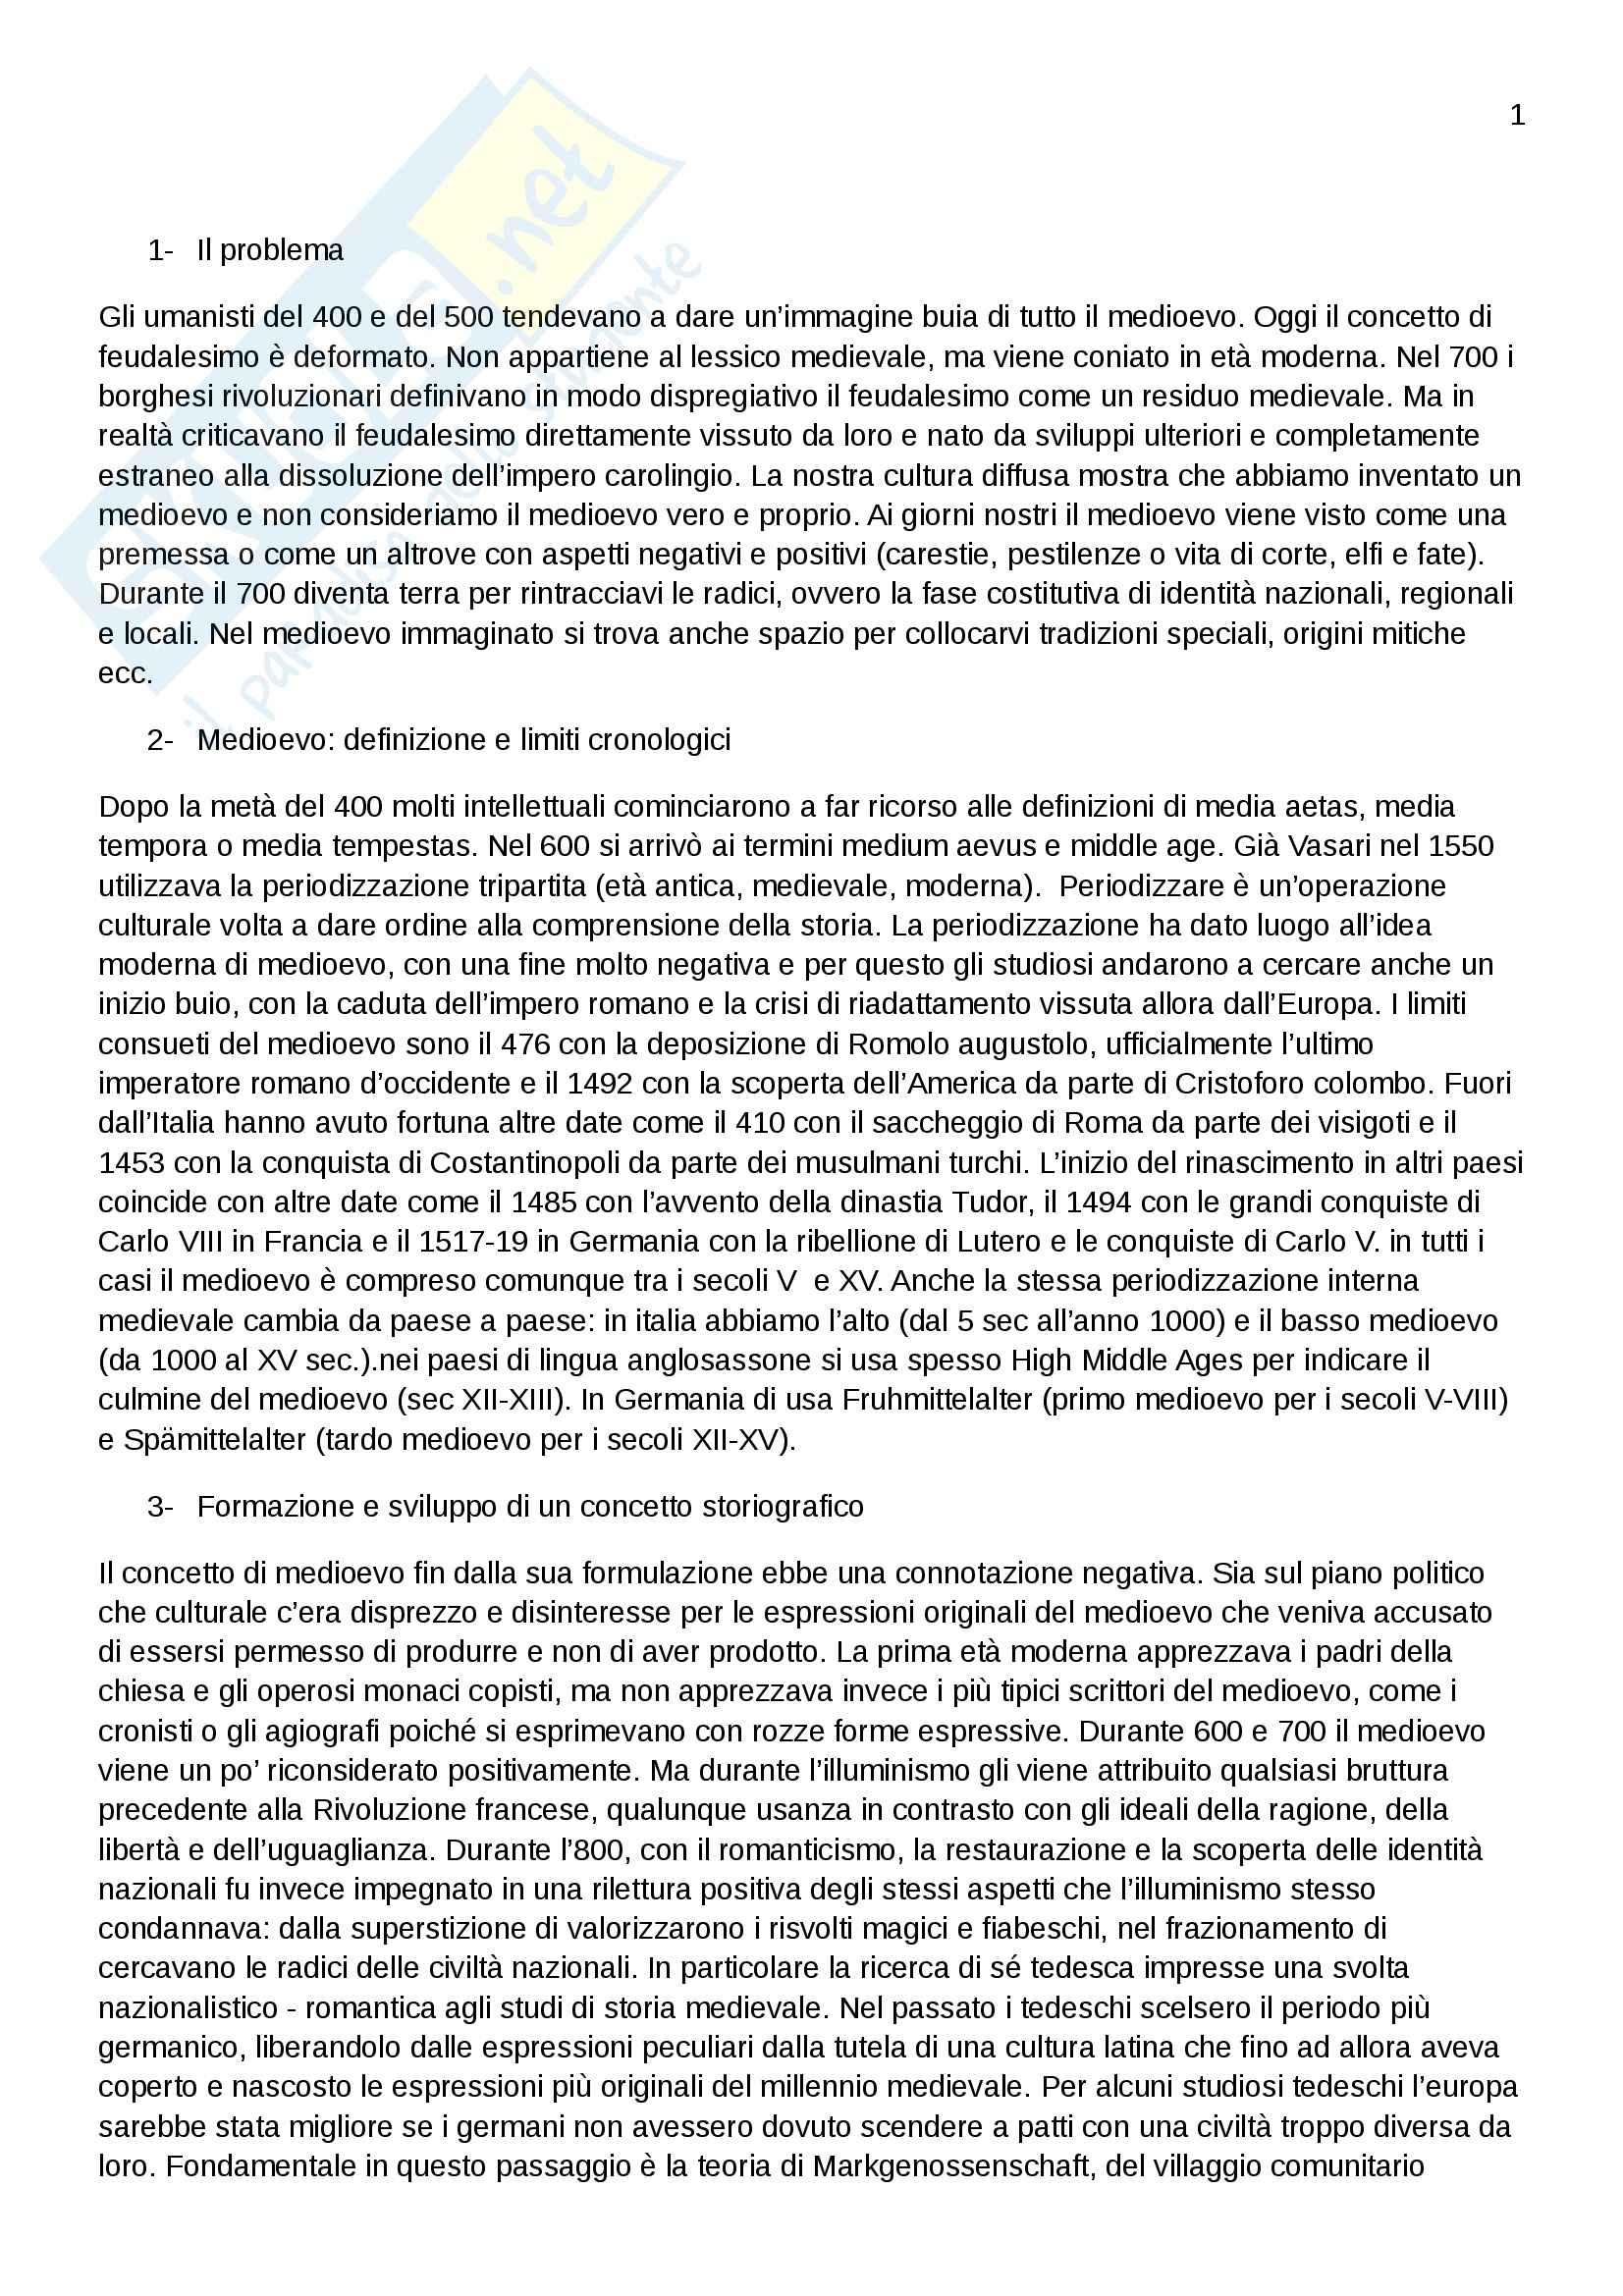 Riassunto esame Storia medievale, prof. Sergi, libro consigliato L'idea di medioevo, Sergi